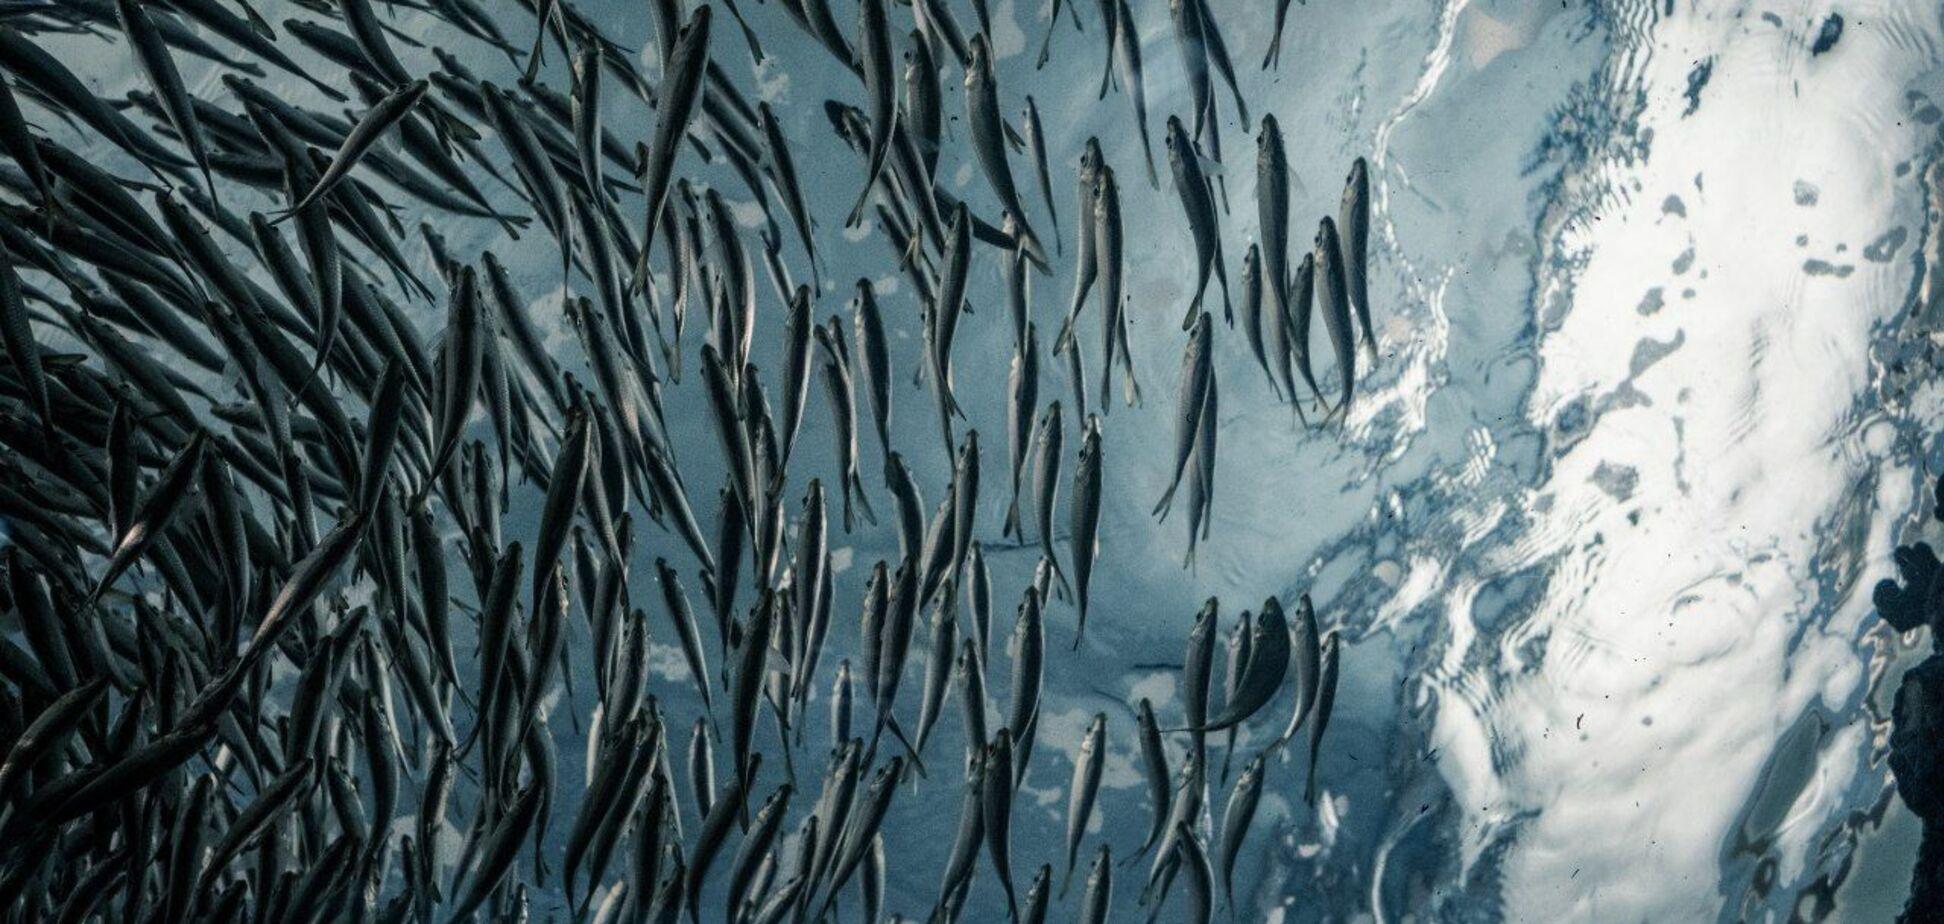 Рибні ресурси в Україні скорочуються через низку проблем